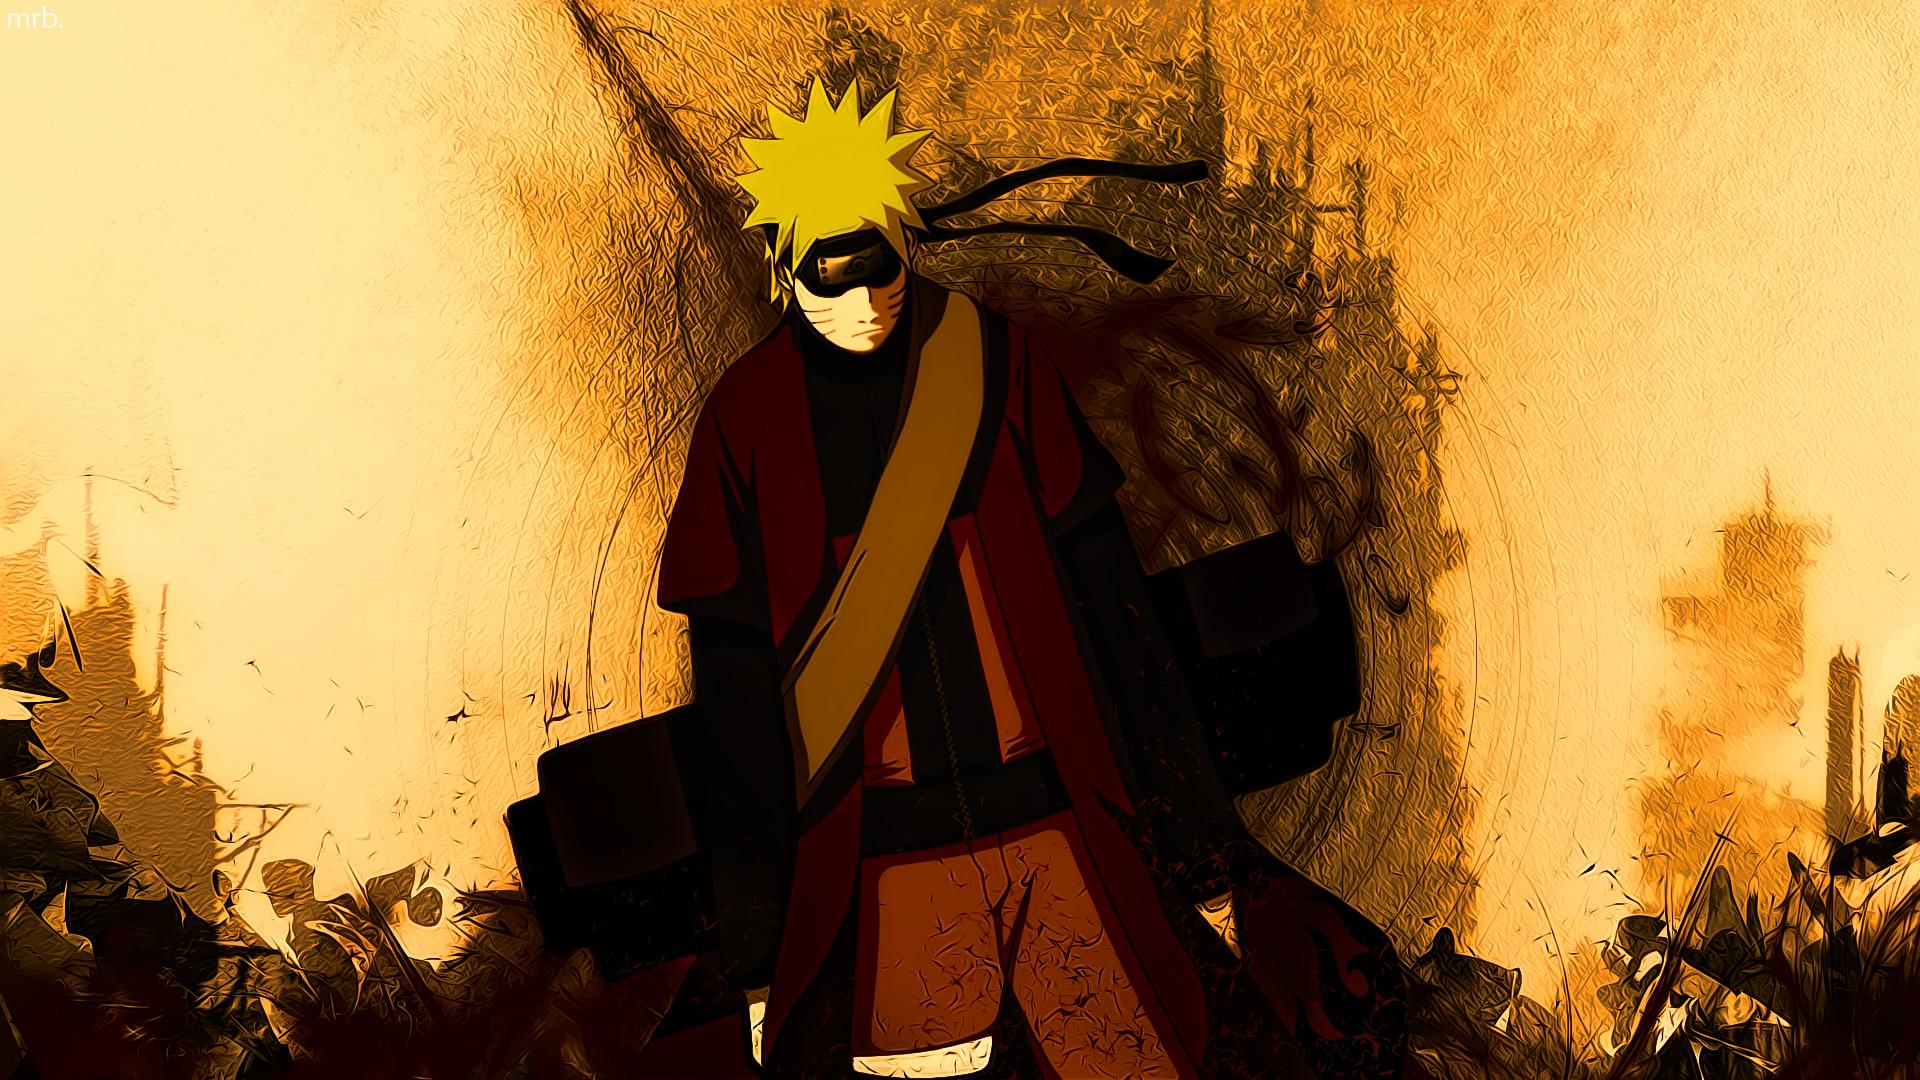 Naruto HD Wallpaper   1920x1080 19095 HD Wallpaper Res 1920x1080 1920x1080